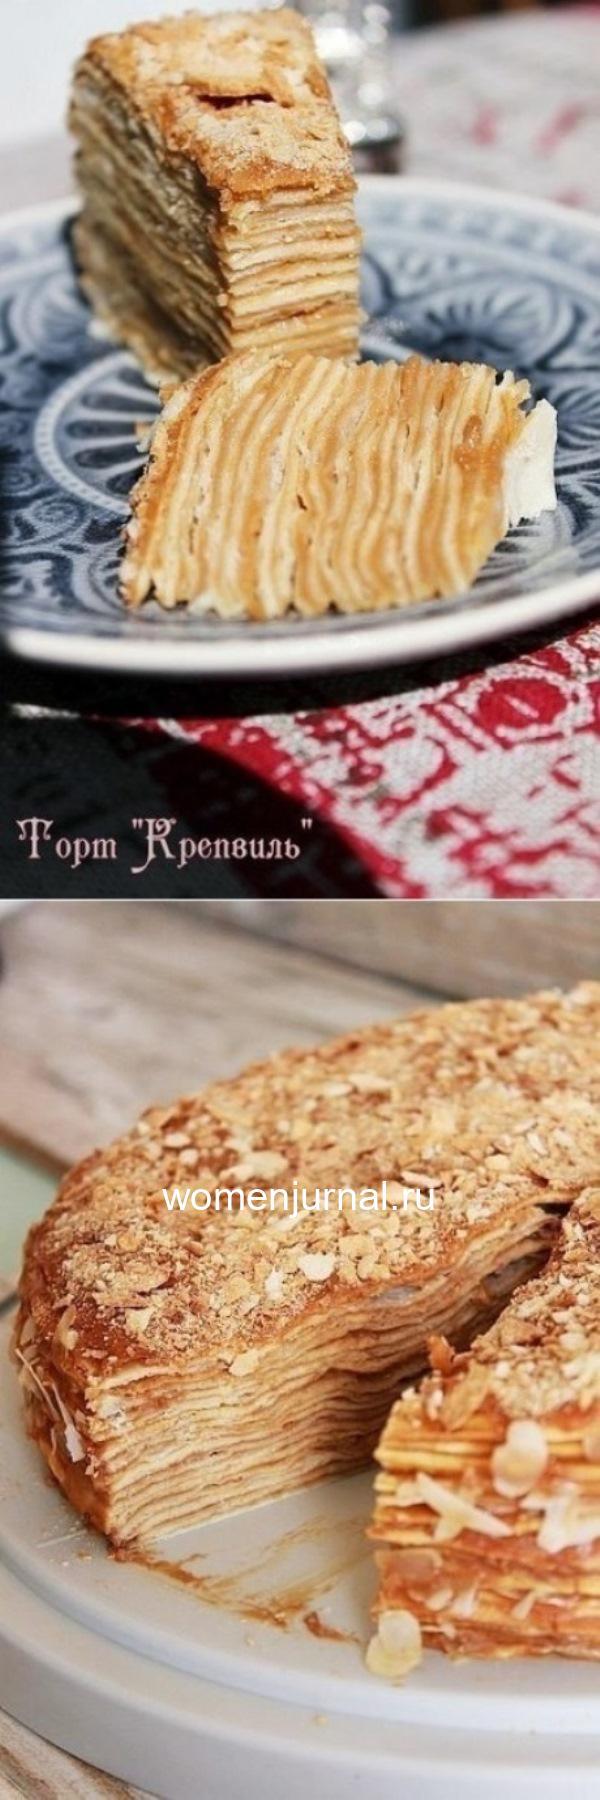 Торт «Kрепвиль», КОТОРЫЙ ГОТОВИТСЯ НА РАЗ-ДВА.